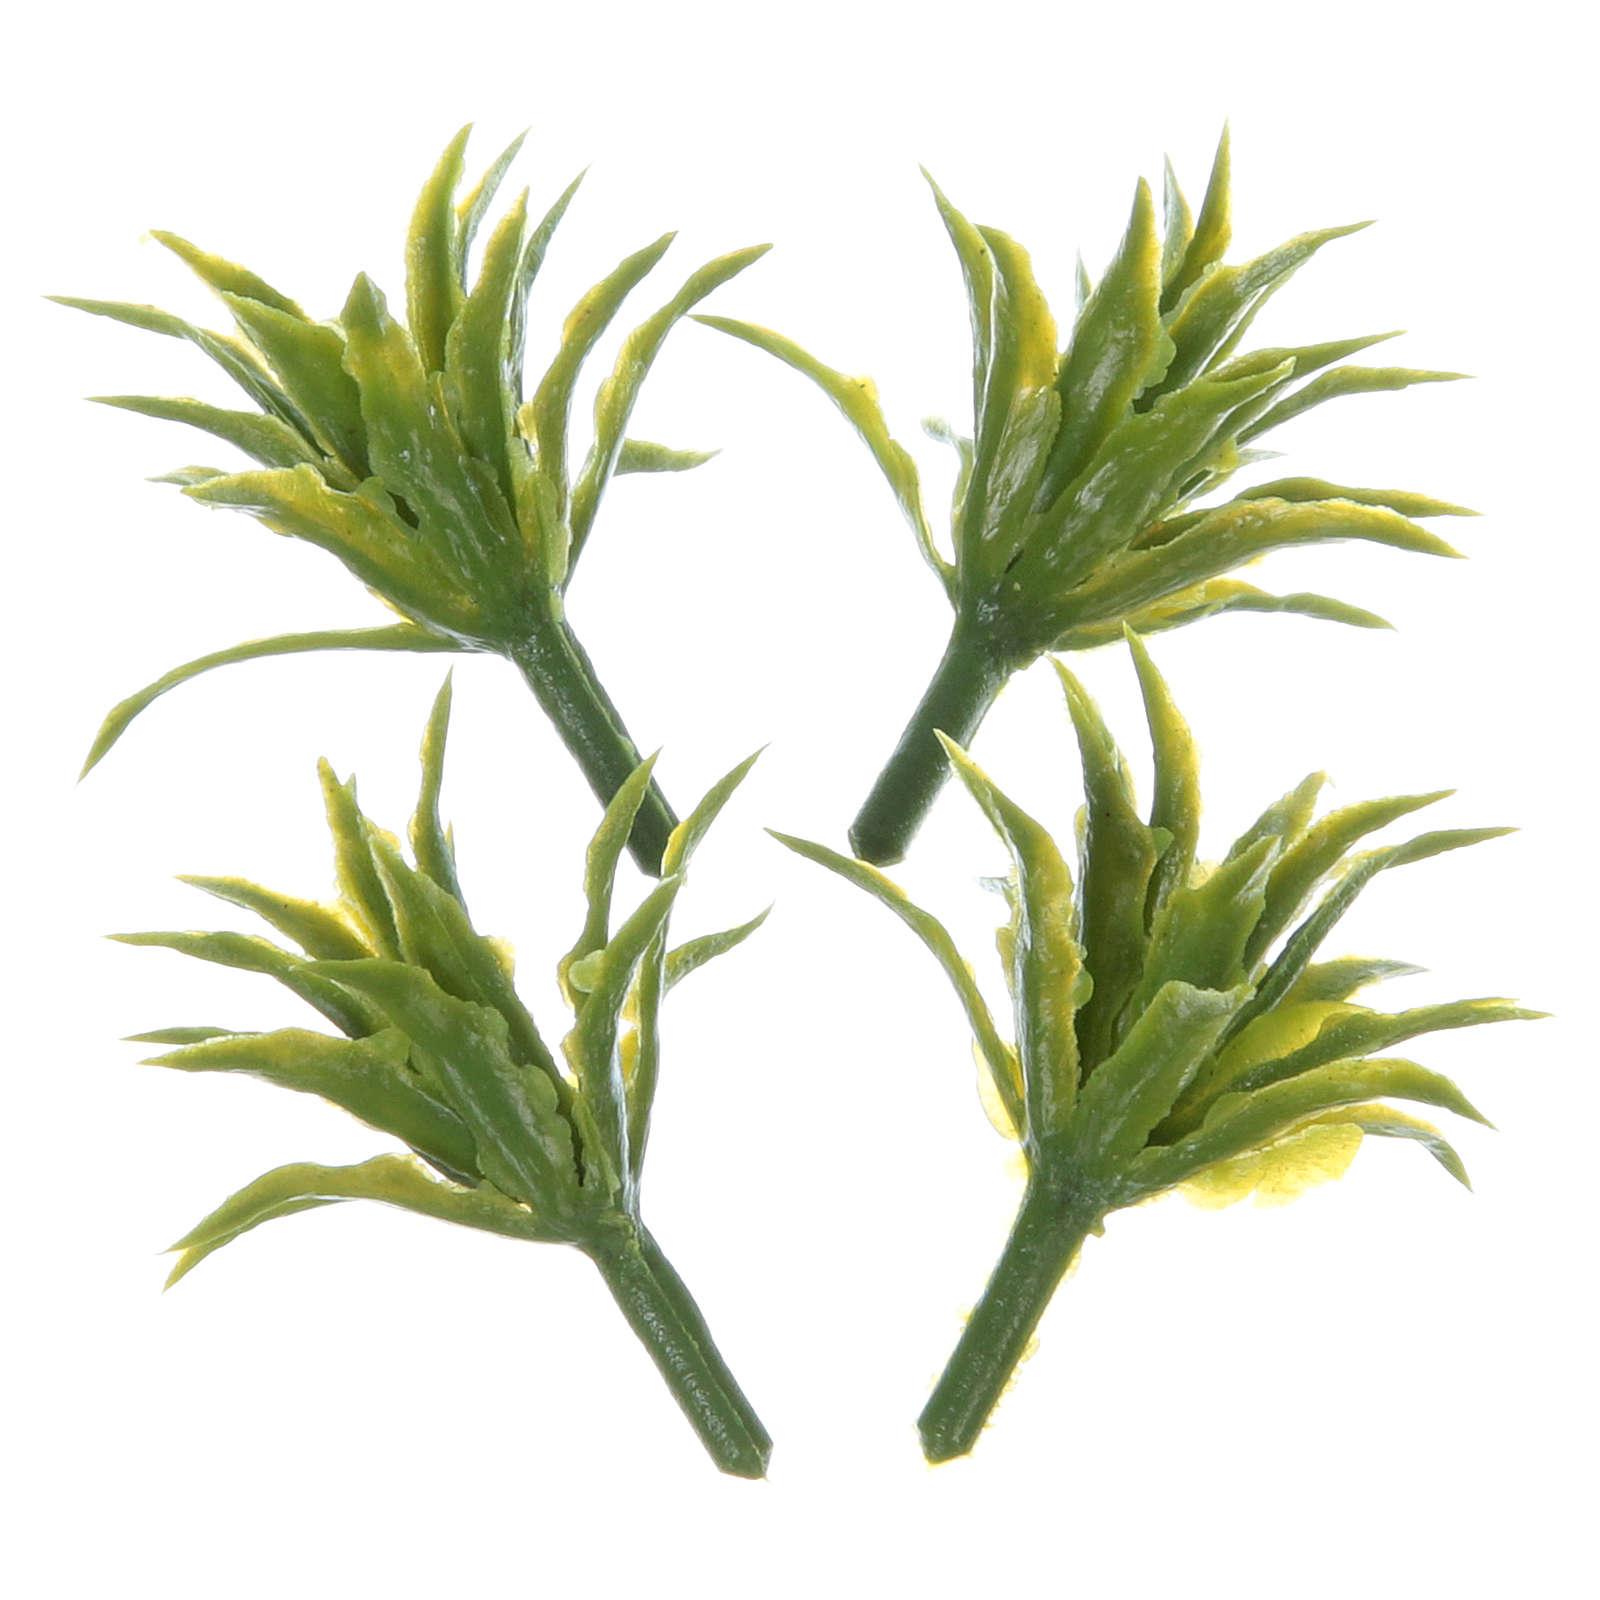 Zestaw 4 krzewy h rzeczywista 3 cm do szopki 4